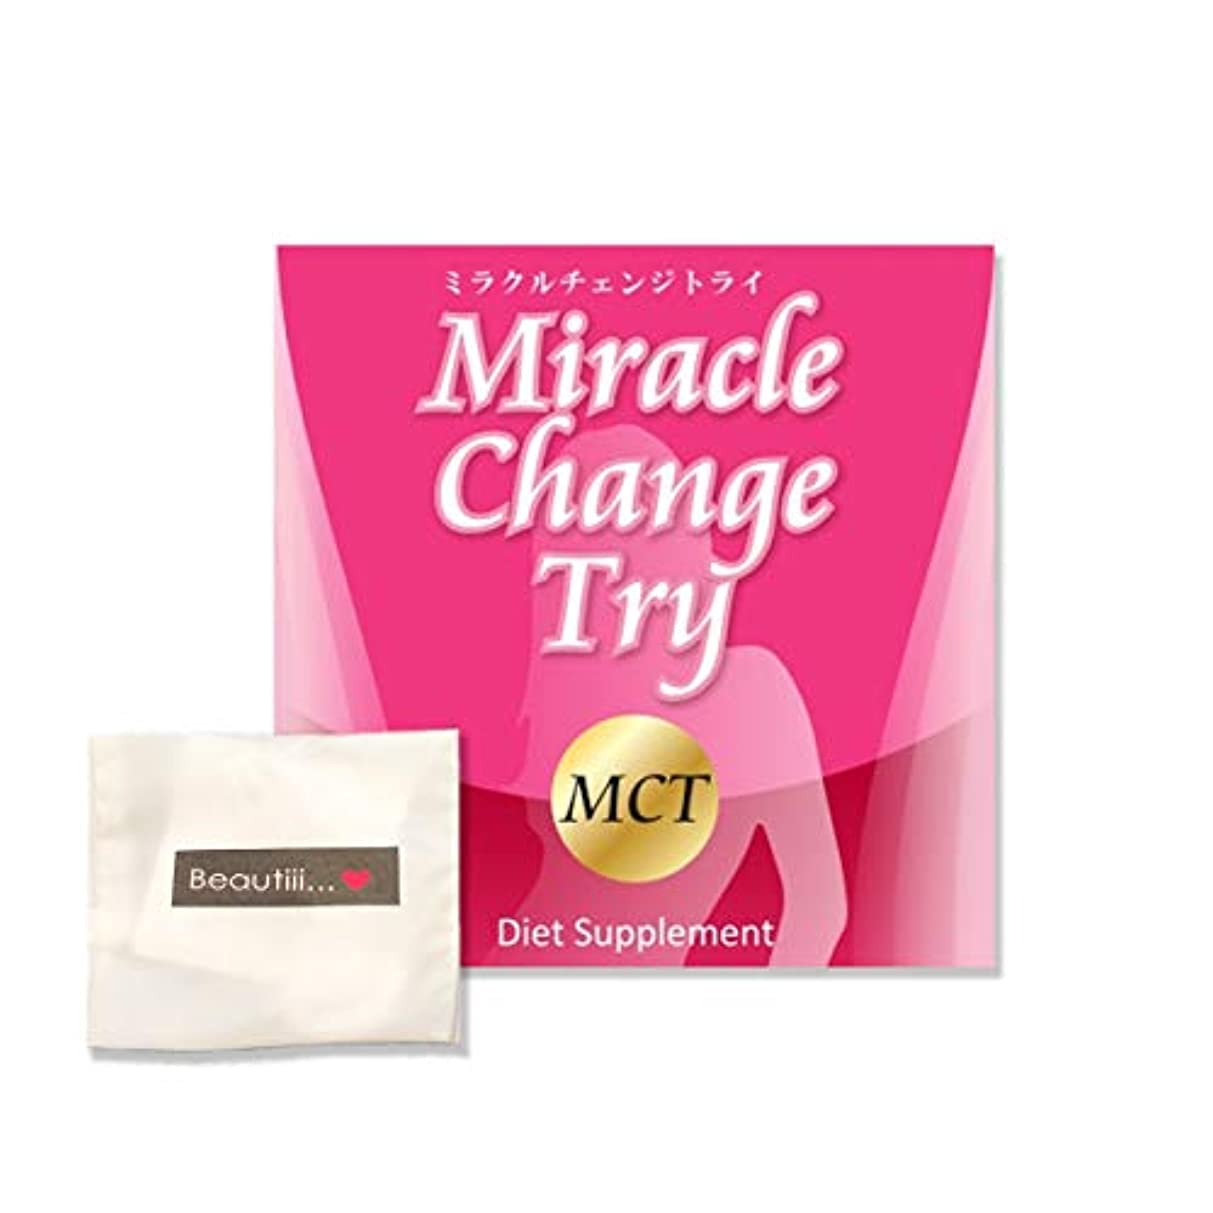 映画スーパー怒るBeautiiiセット & Miracle Change Try ミラクルチェンジトライ 60粒【ギフトセット】SNSで話題!大人気!